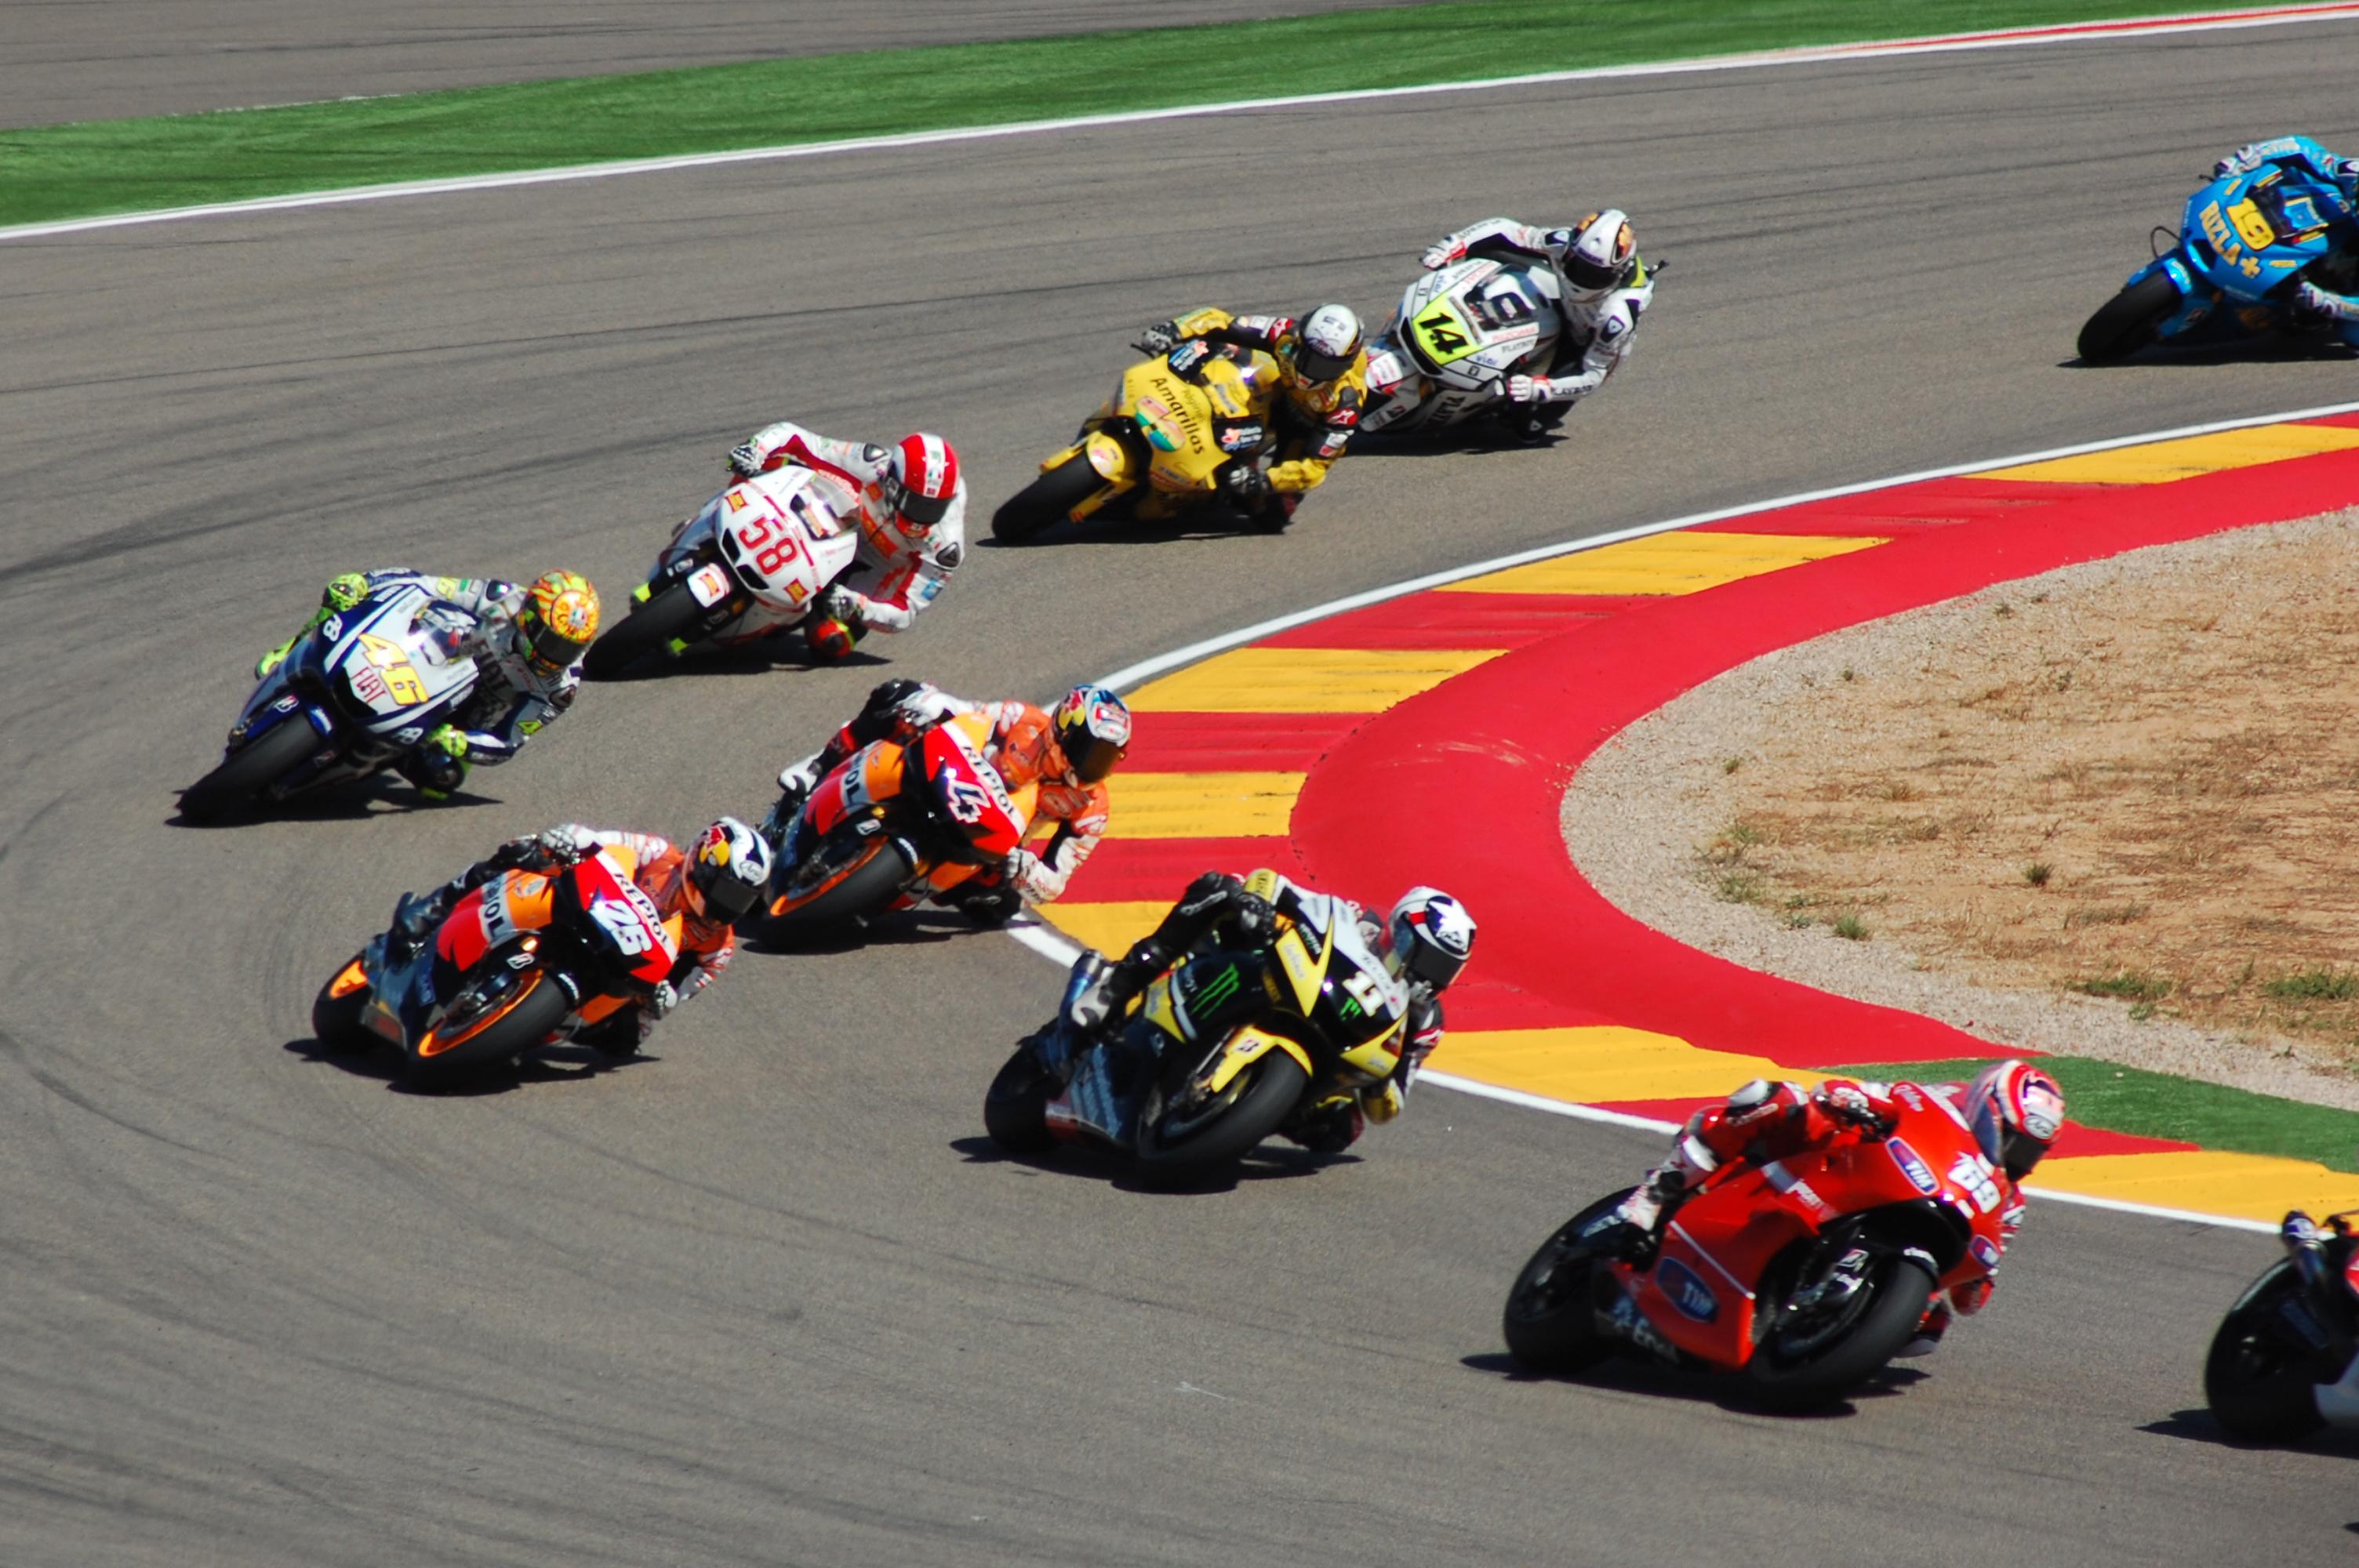 ファイル:Carrera MotoGP Motorland 2010.jpg - Wikipedia